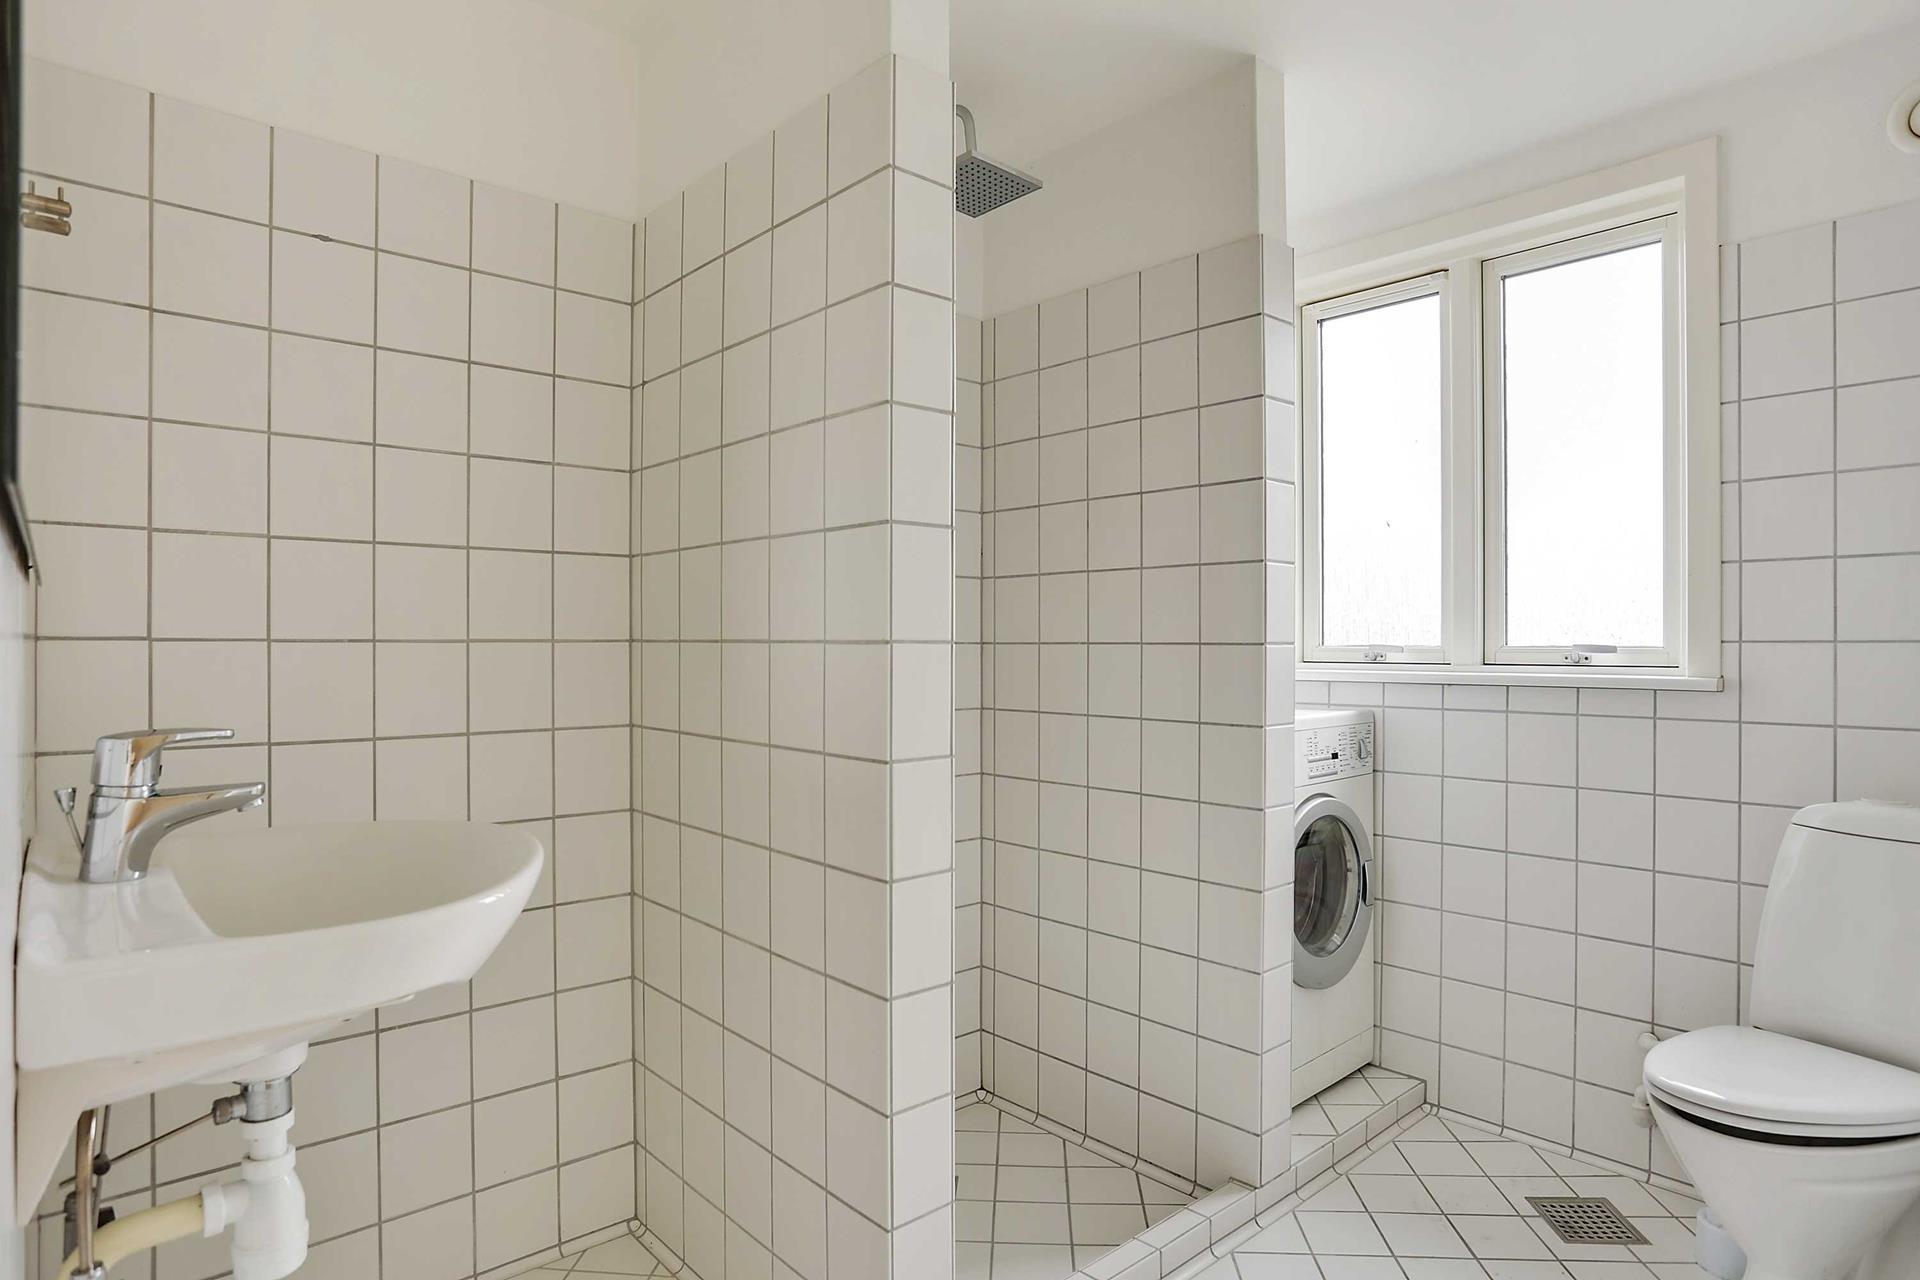 Bolig/erhverv på Vestergade i Stubbekøbing - Badeværelse